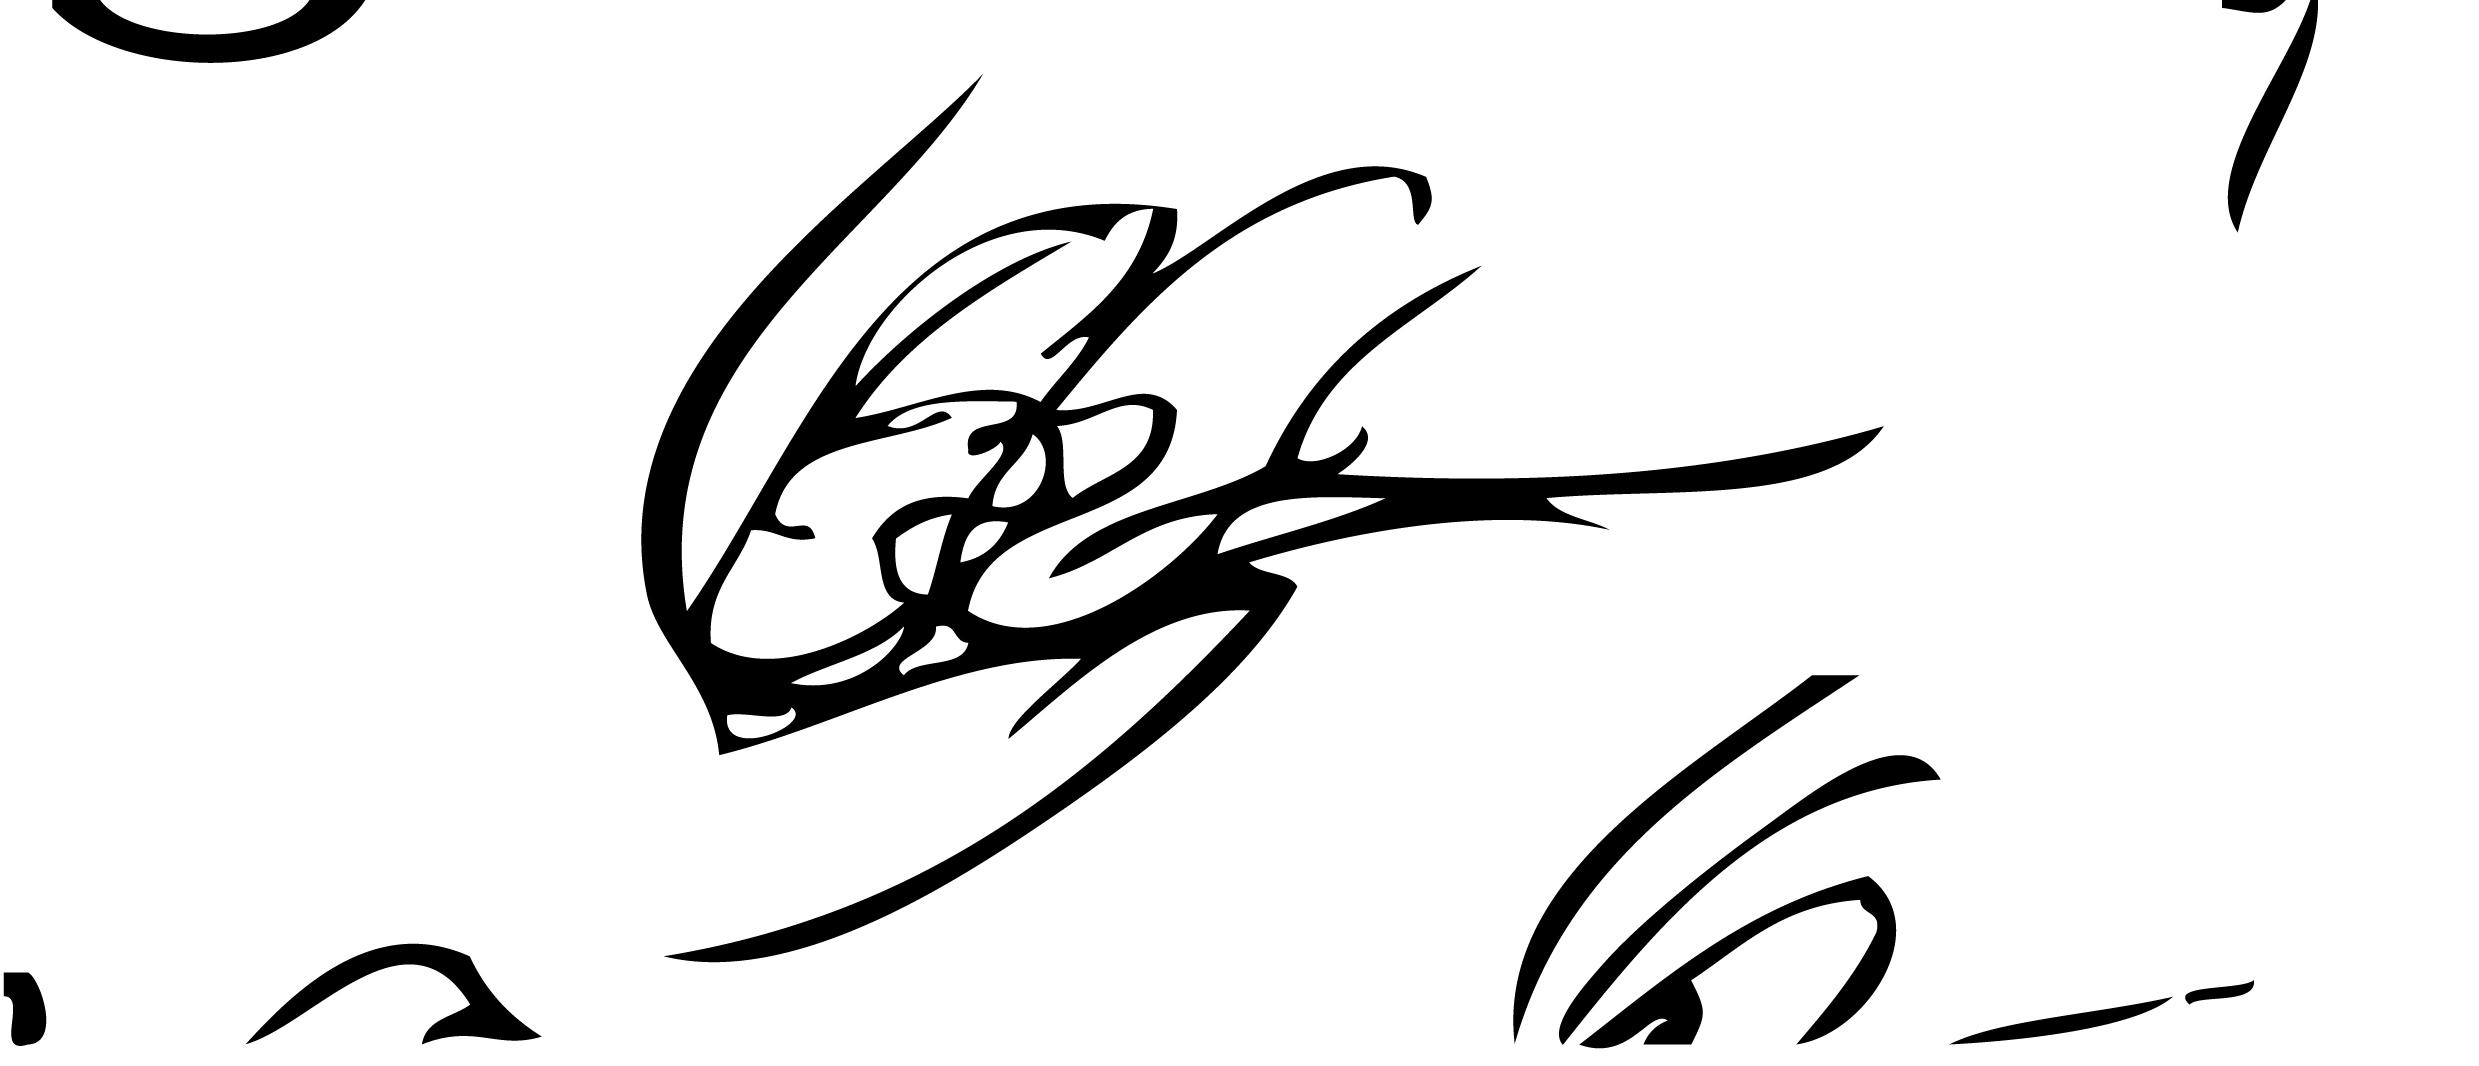 Liam Garrett's Signature